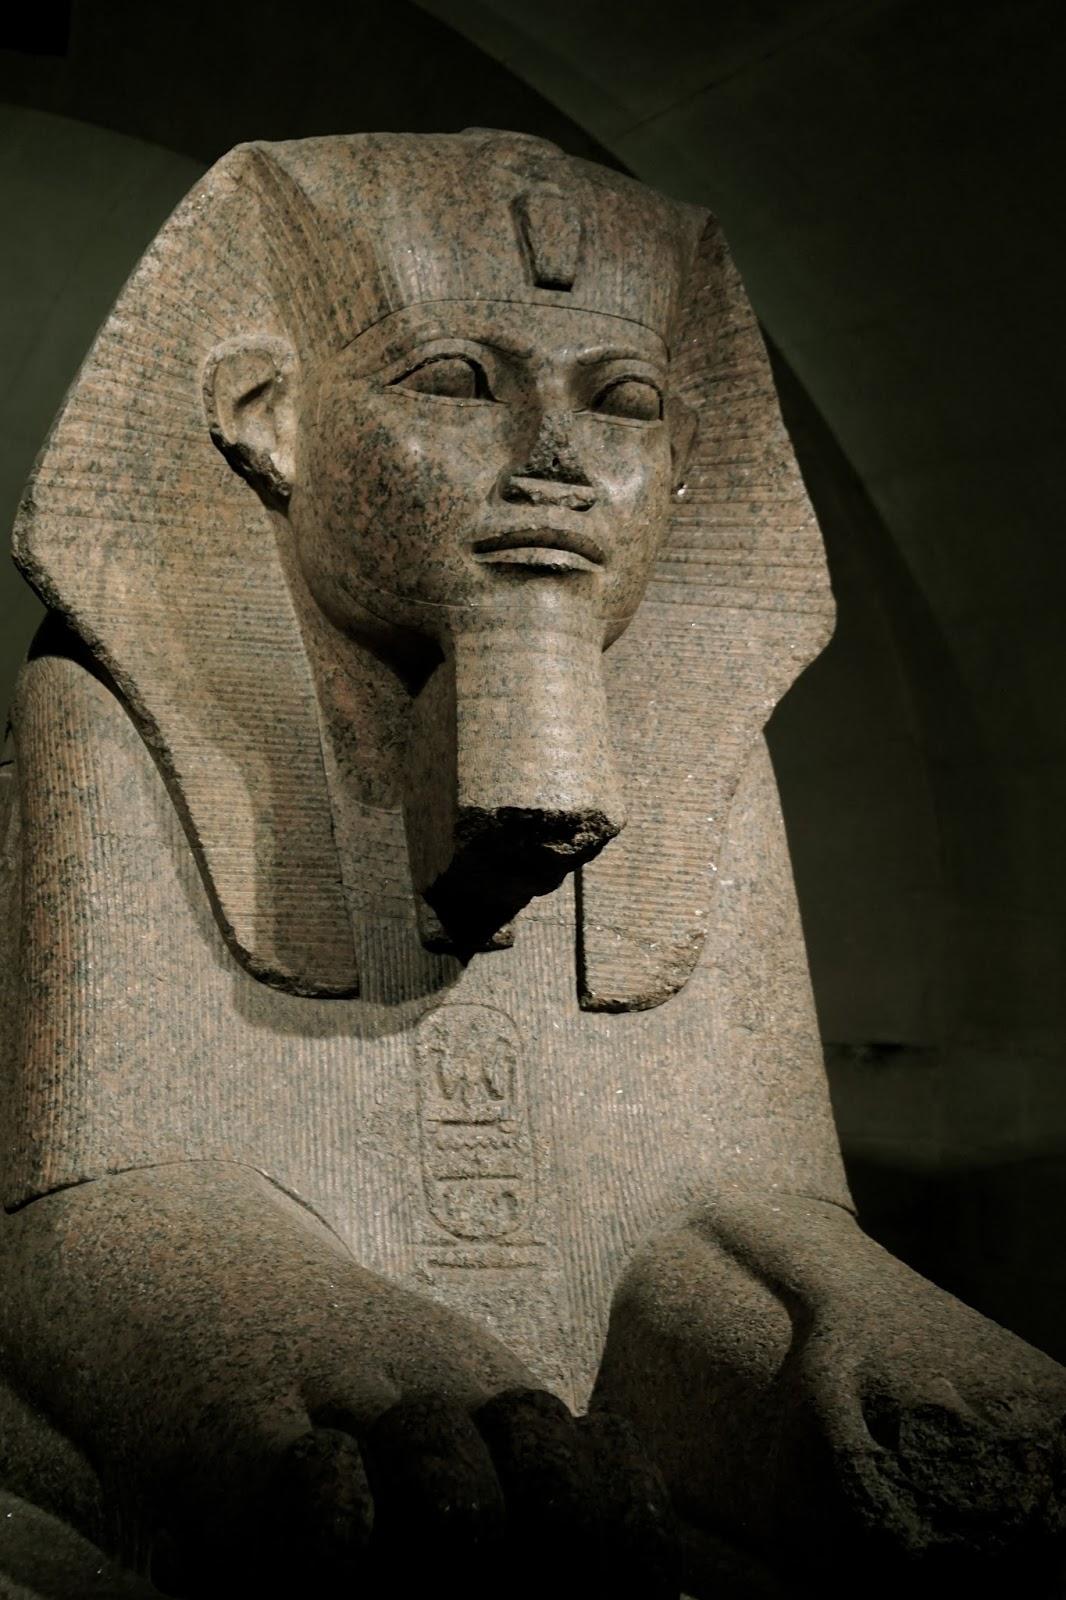 タニスの「大スフィンクス」(Grand sphinx/trouvé à Tanis)